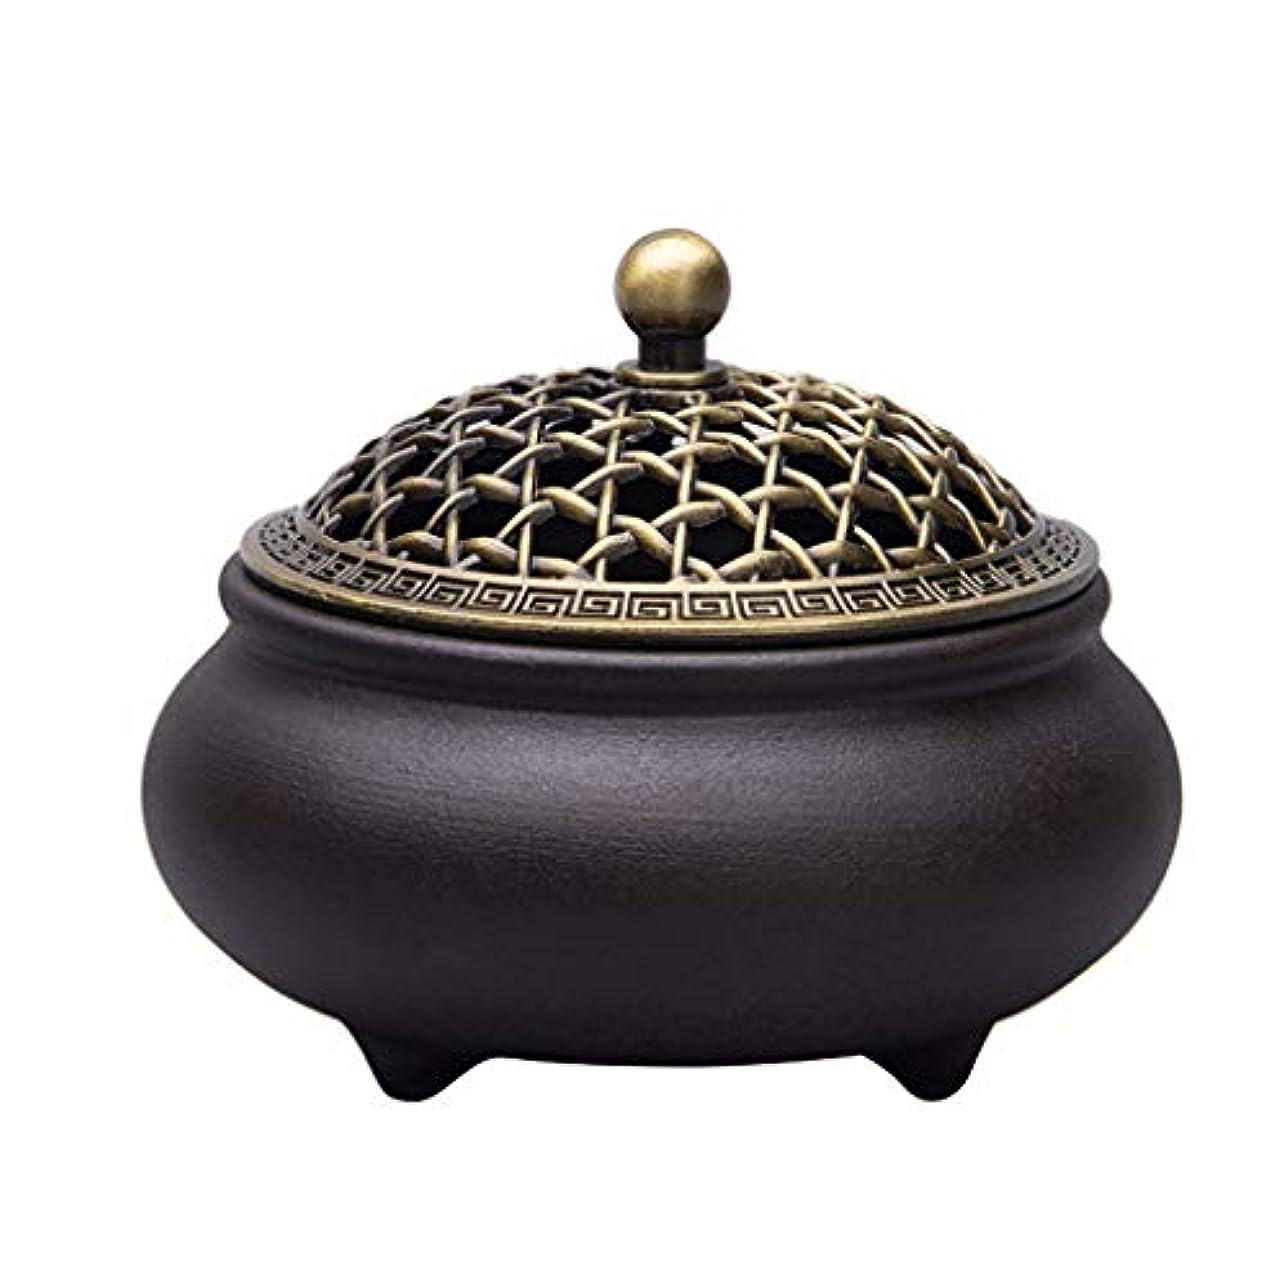 石炭目立つ賢明な芳香器?アロマバーナー セラミック香炉3本足アロマテラピー炉ホームインテリア装飾品 アロマバーナー芳香器 (Color : A)